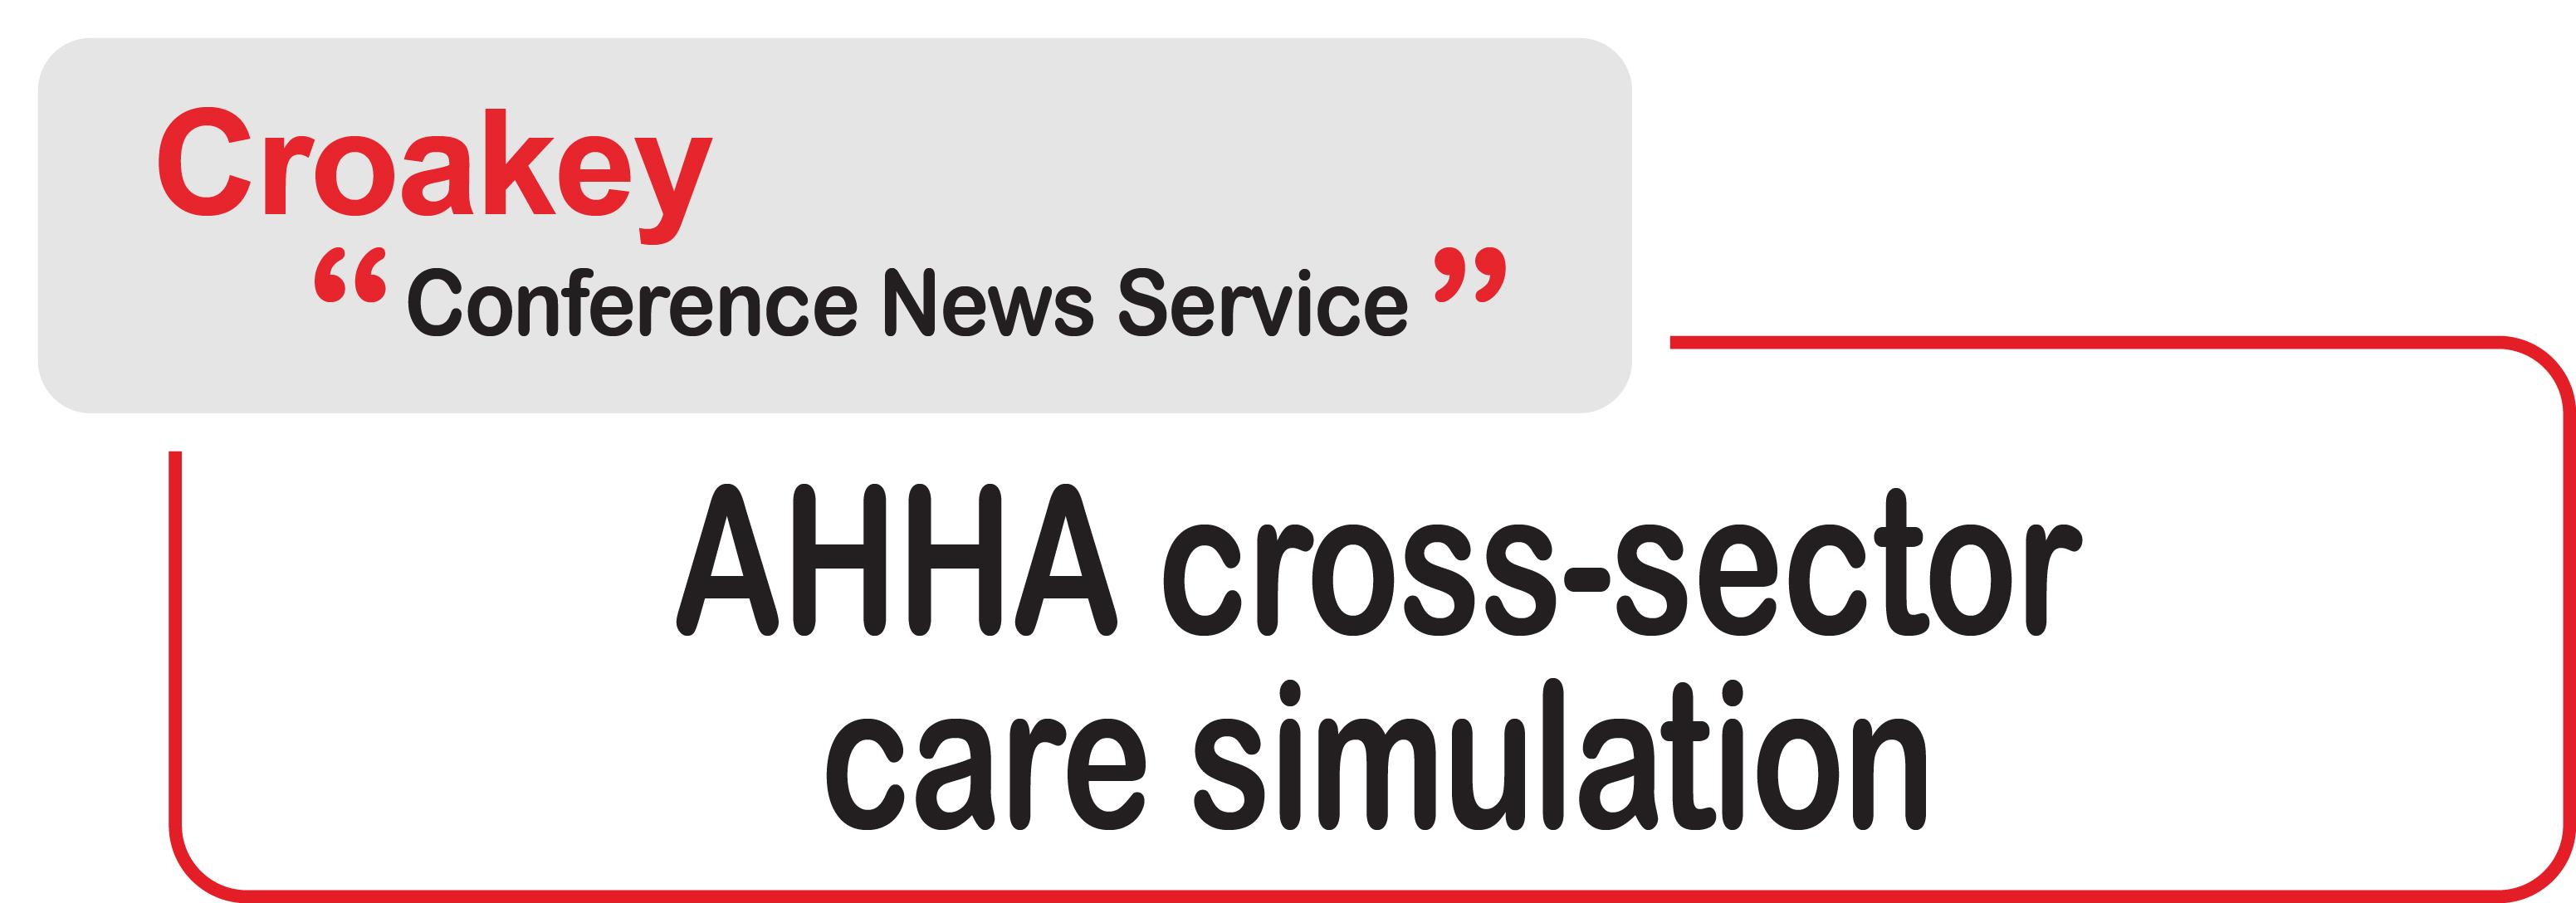 ccns_ahha_simulation_logo